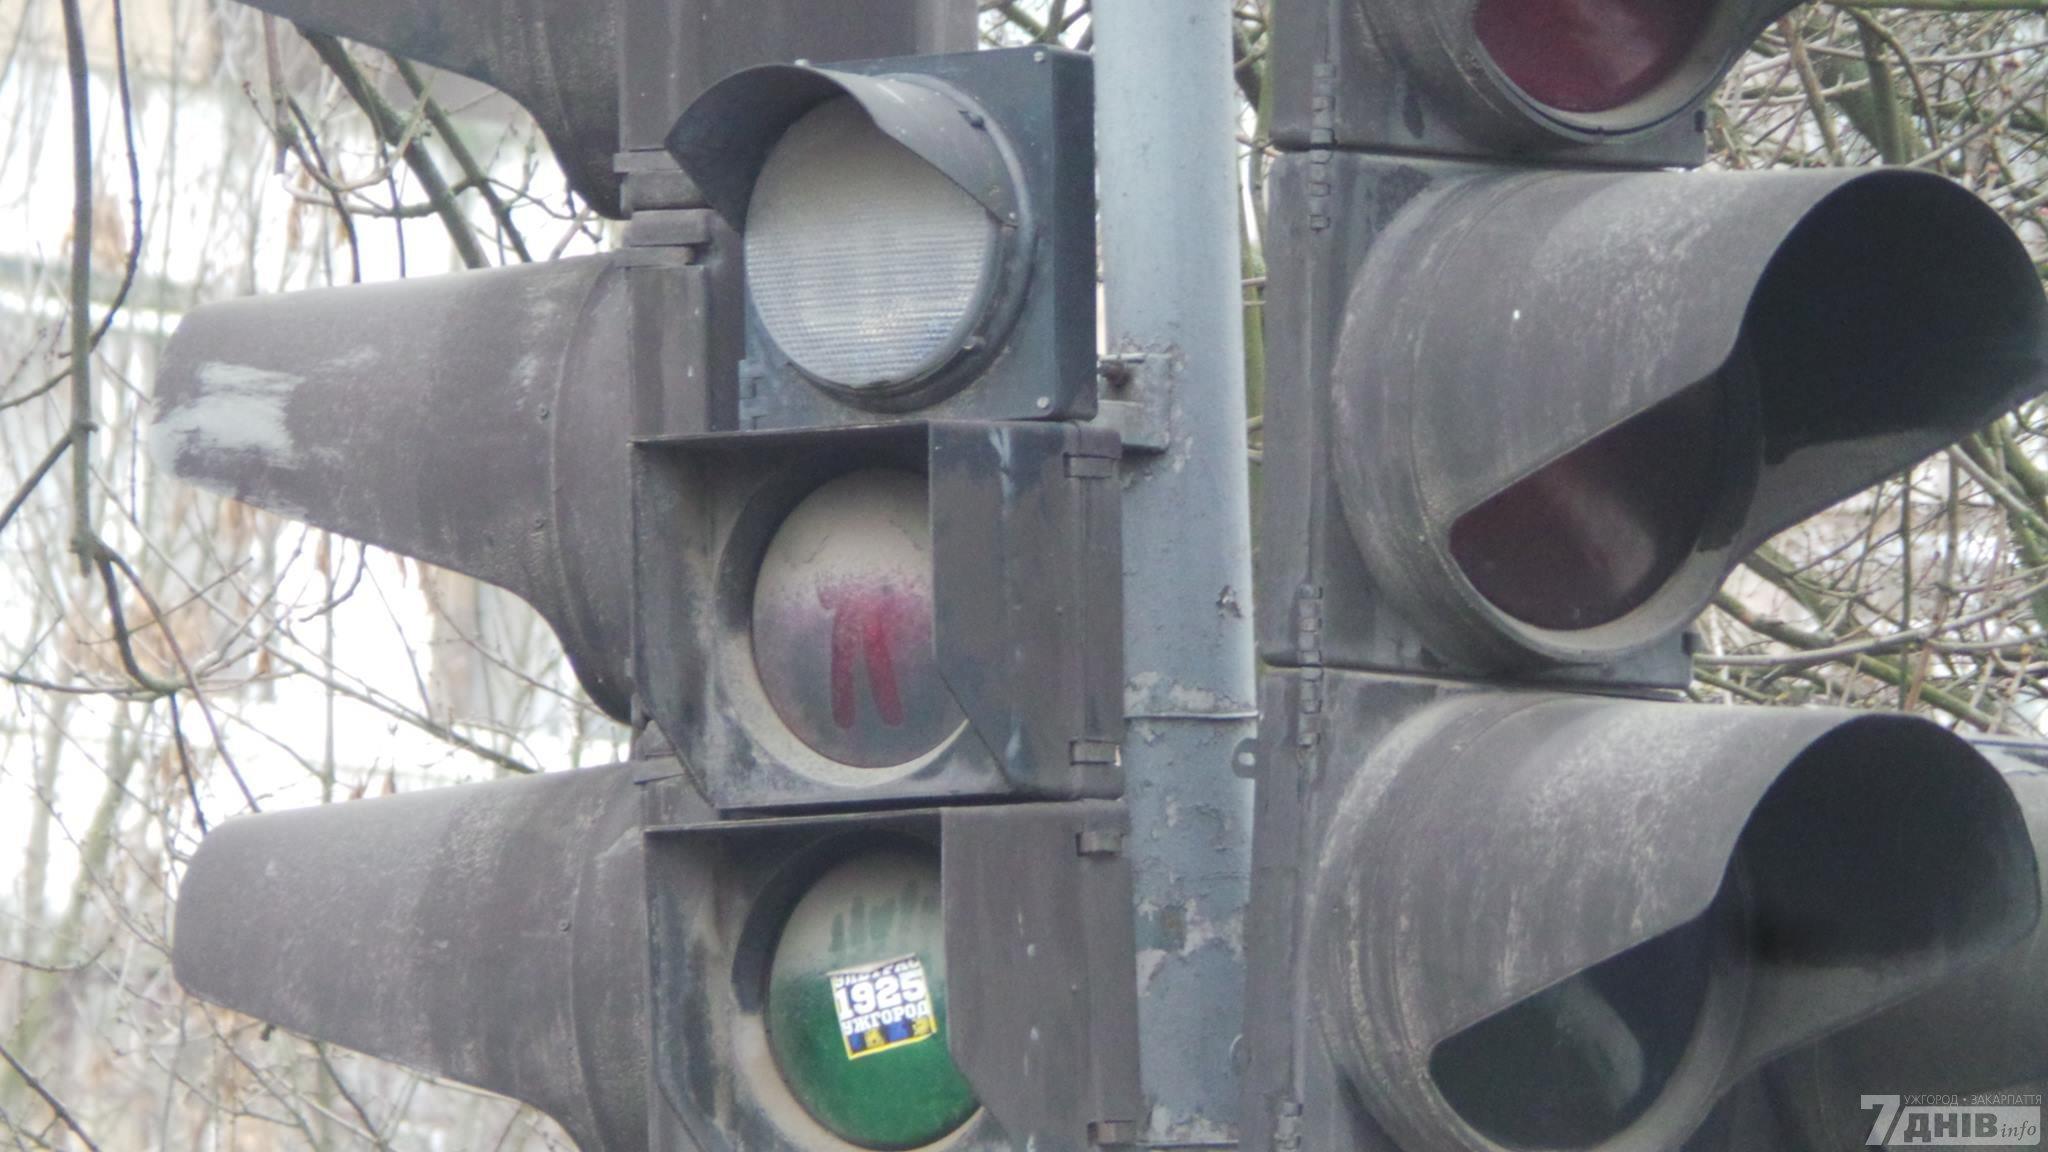 Причина отключения – сгоревшая деталь светофора